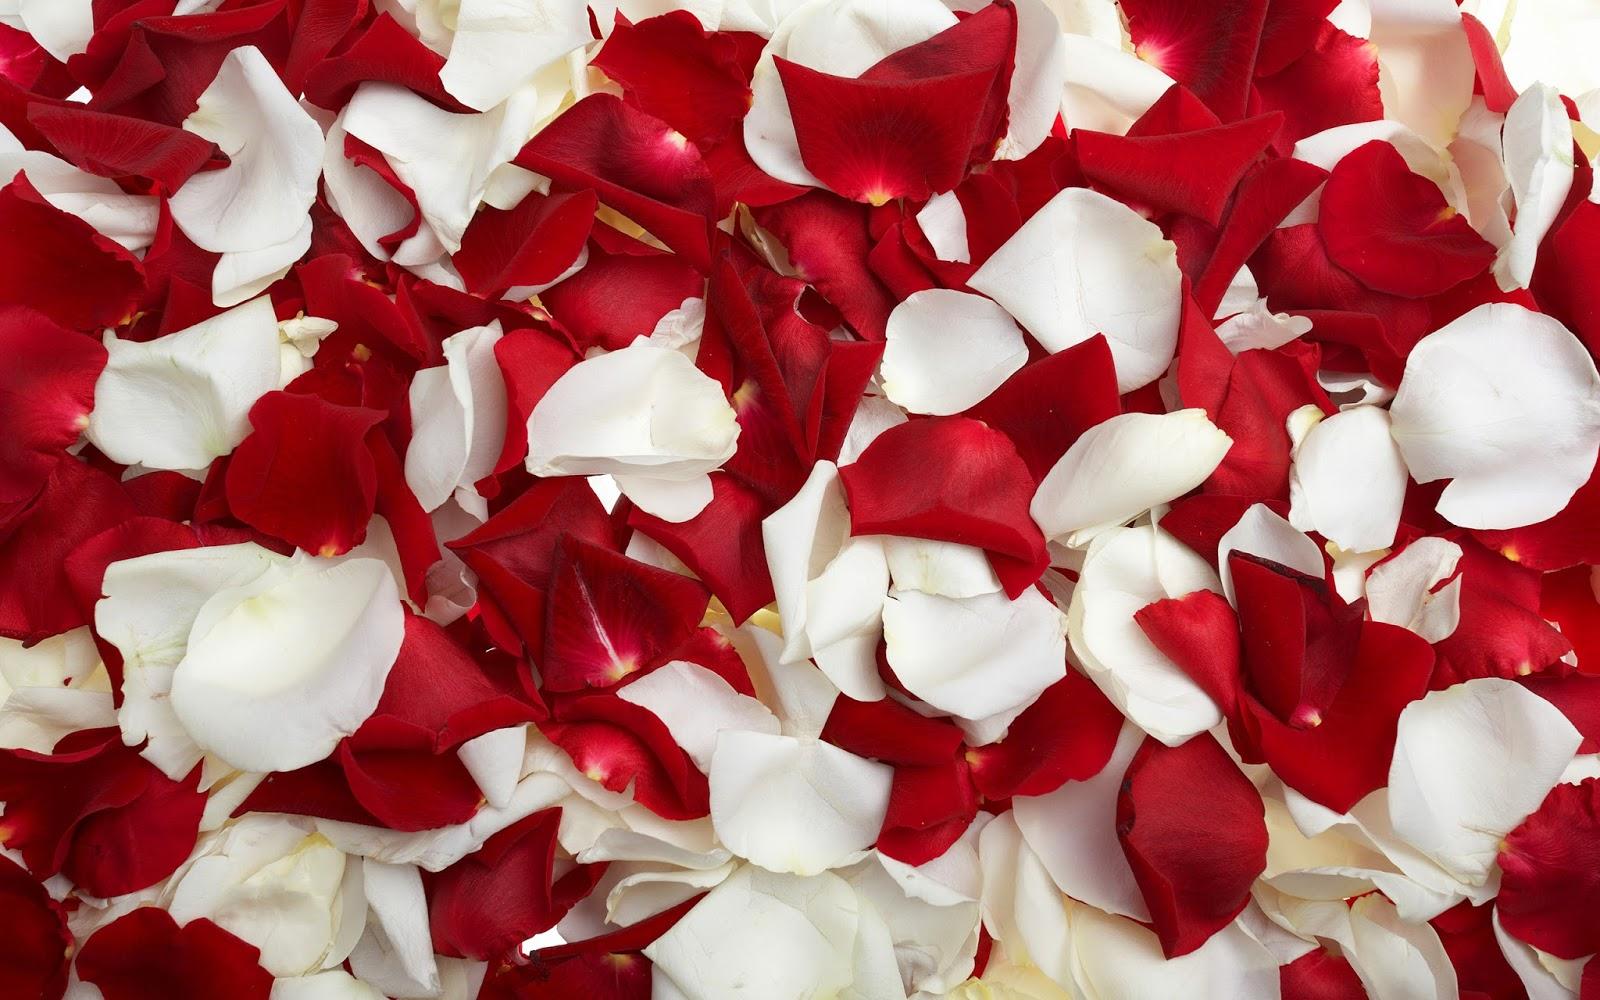 Red Rose Petals Wallpaper